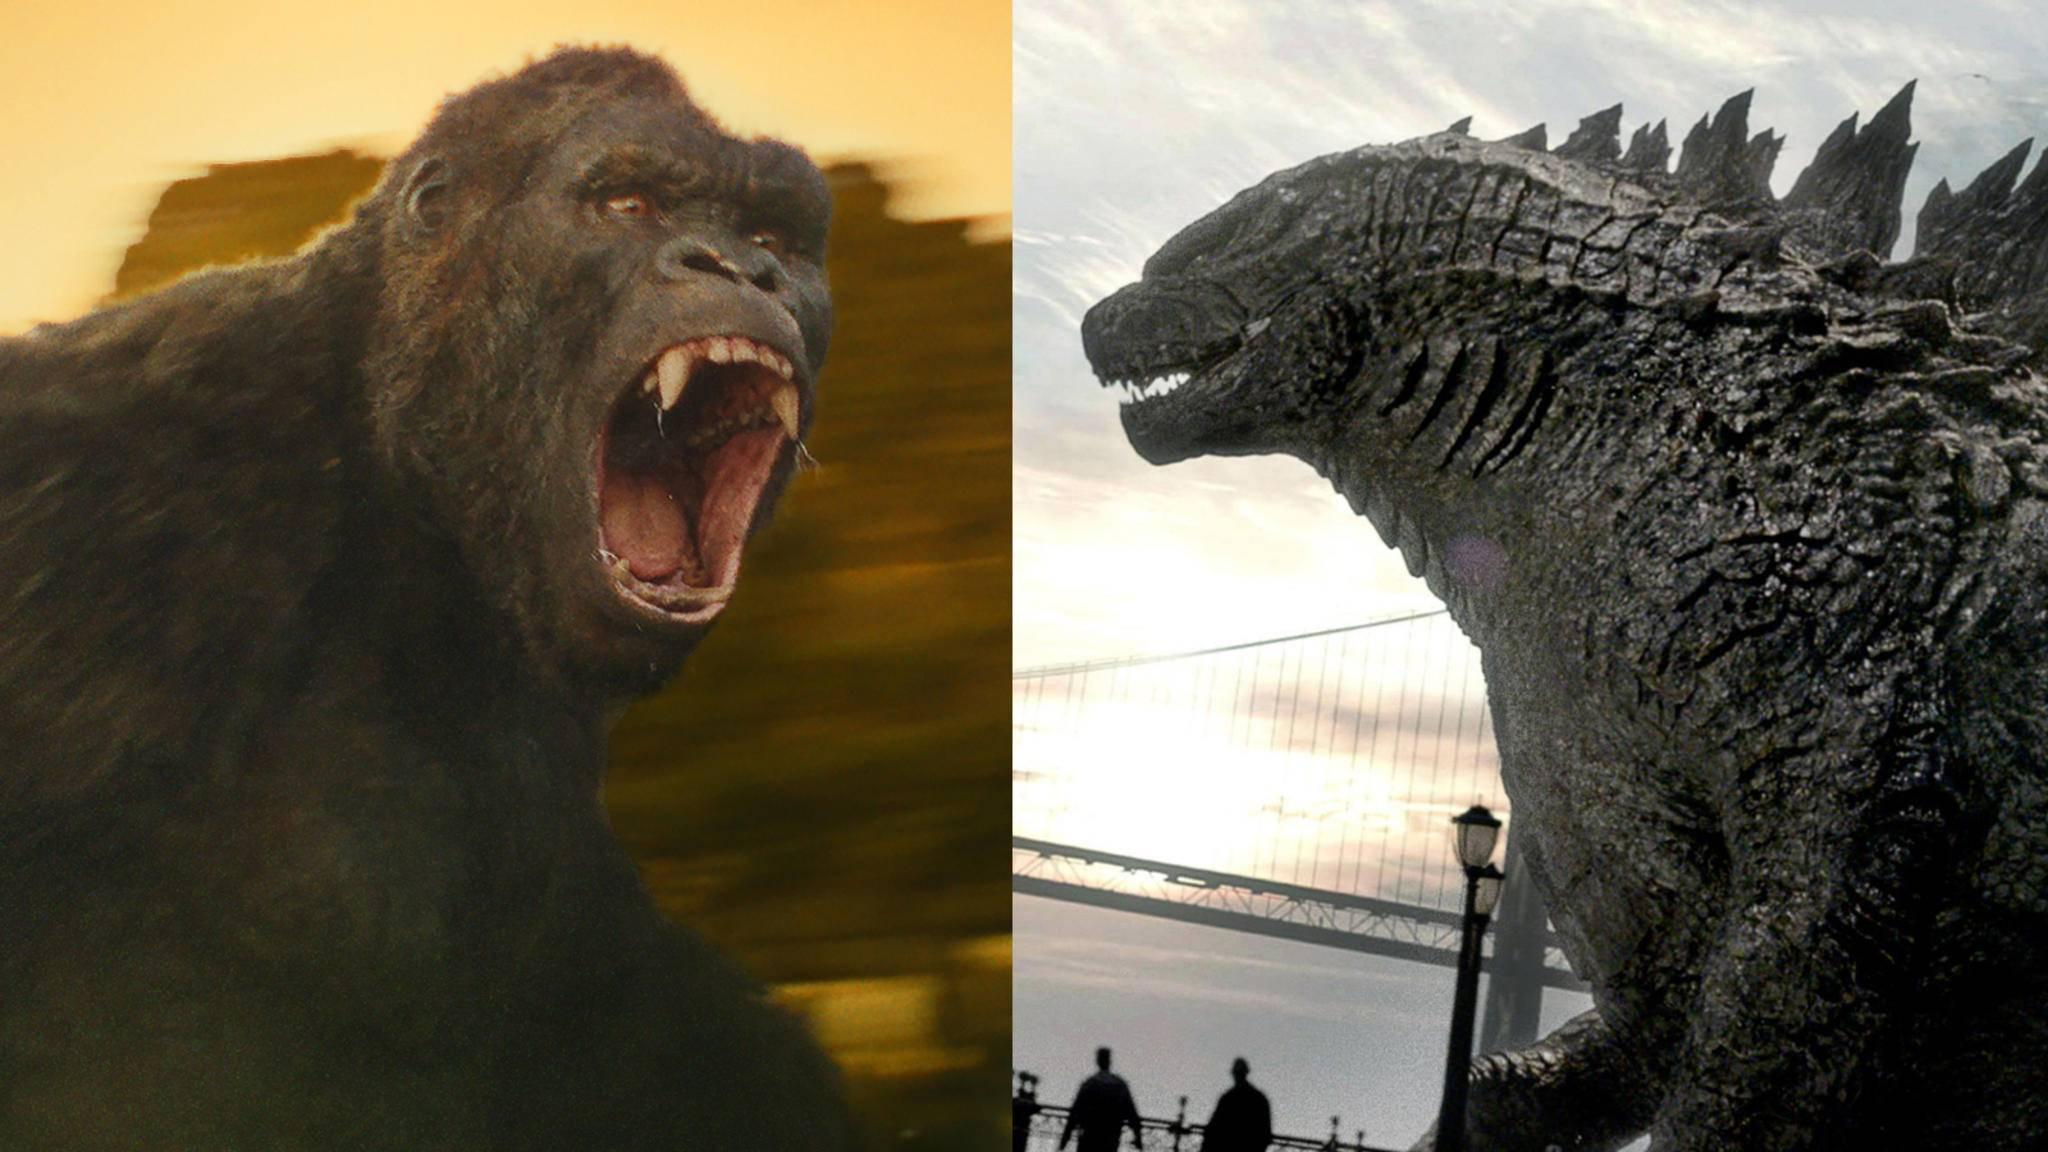 Das Duell der Giganten wird im kommenden Jahr ausgetragen.